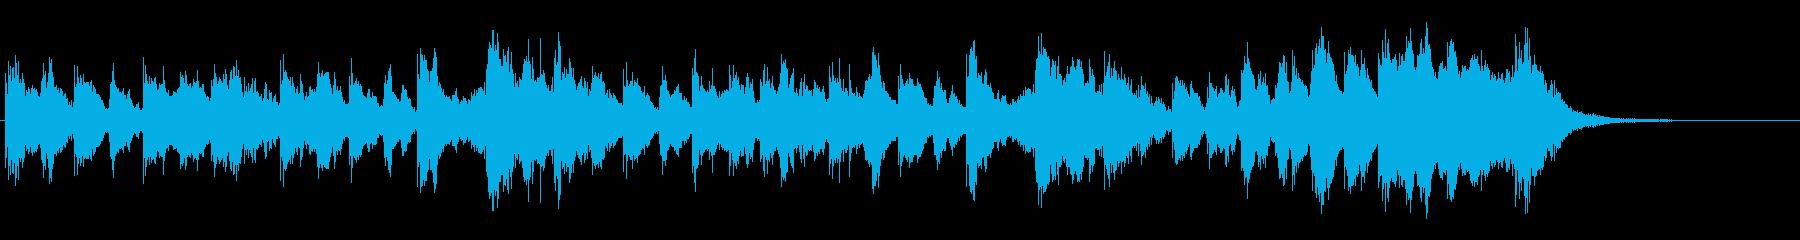 クイズ考え中!明るくコミカルなジングルの再生済みの波形